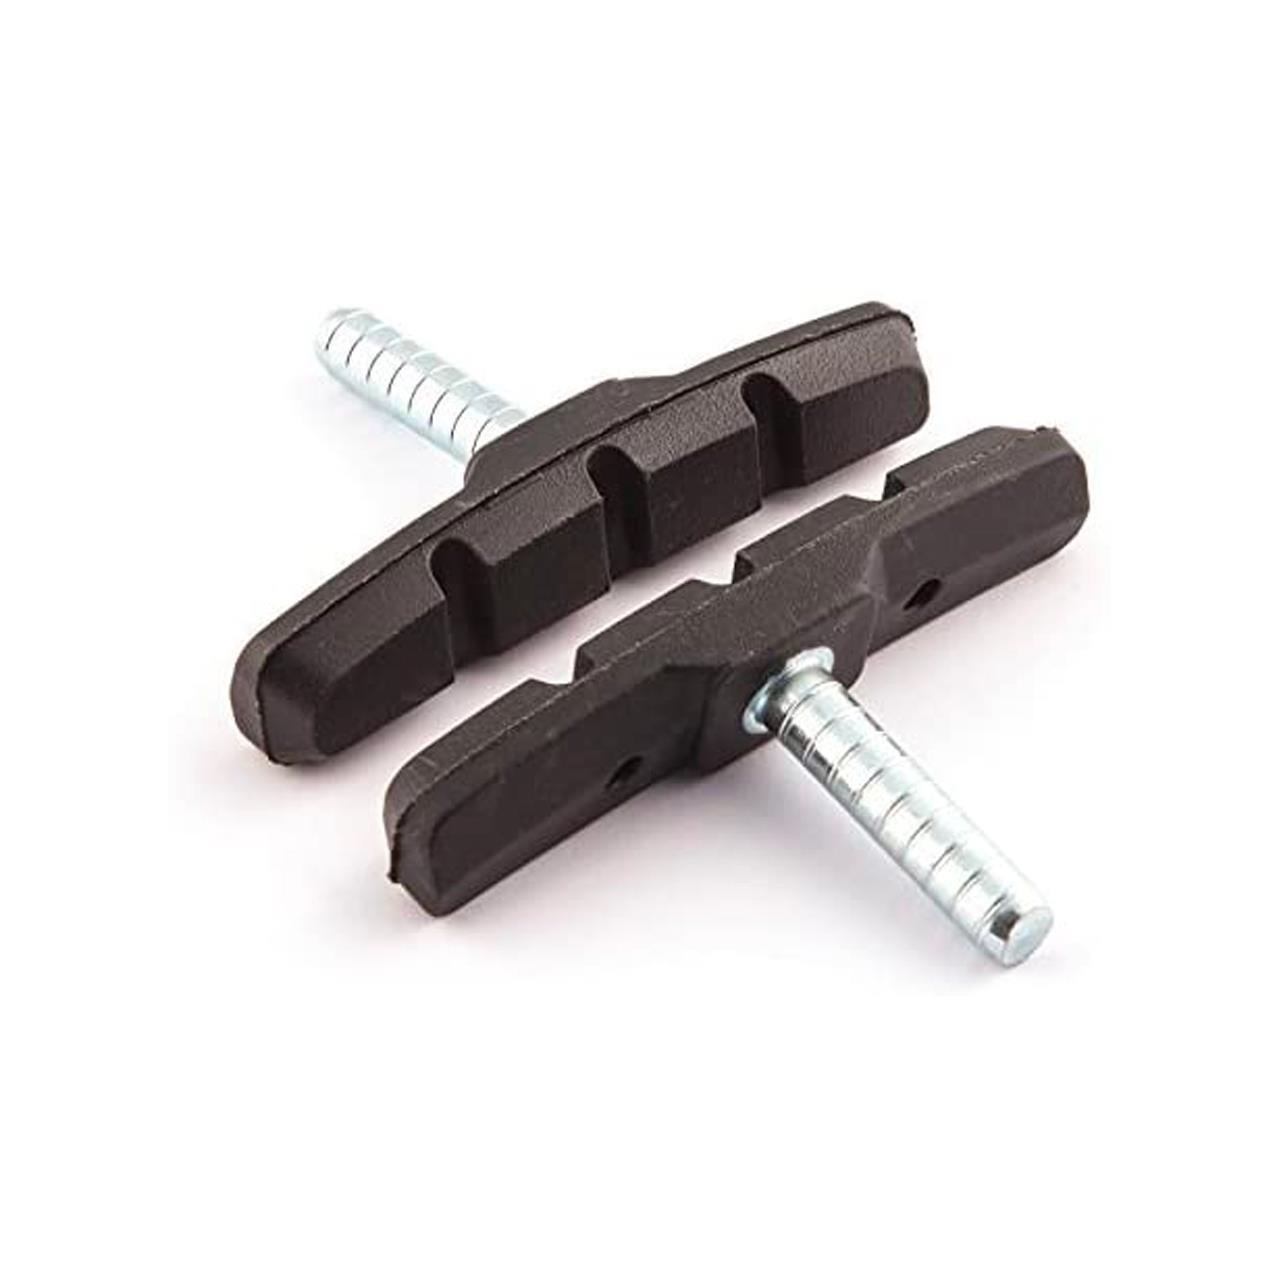 Clarks MTB/Hybrid V-Brake Pads (Cantilever Post Type, 70 mm)